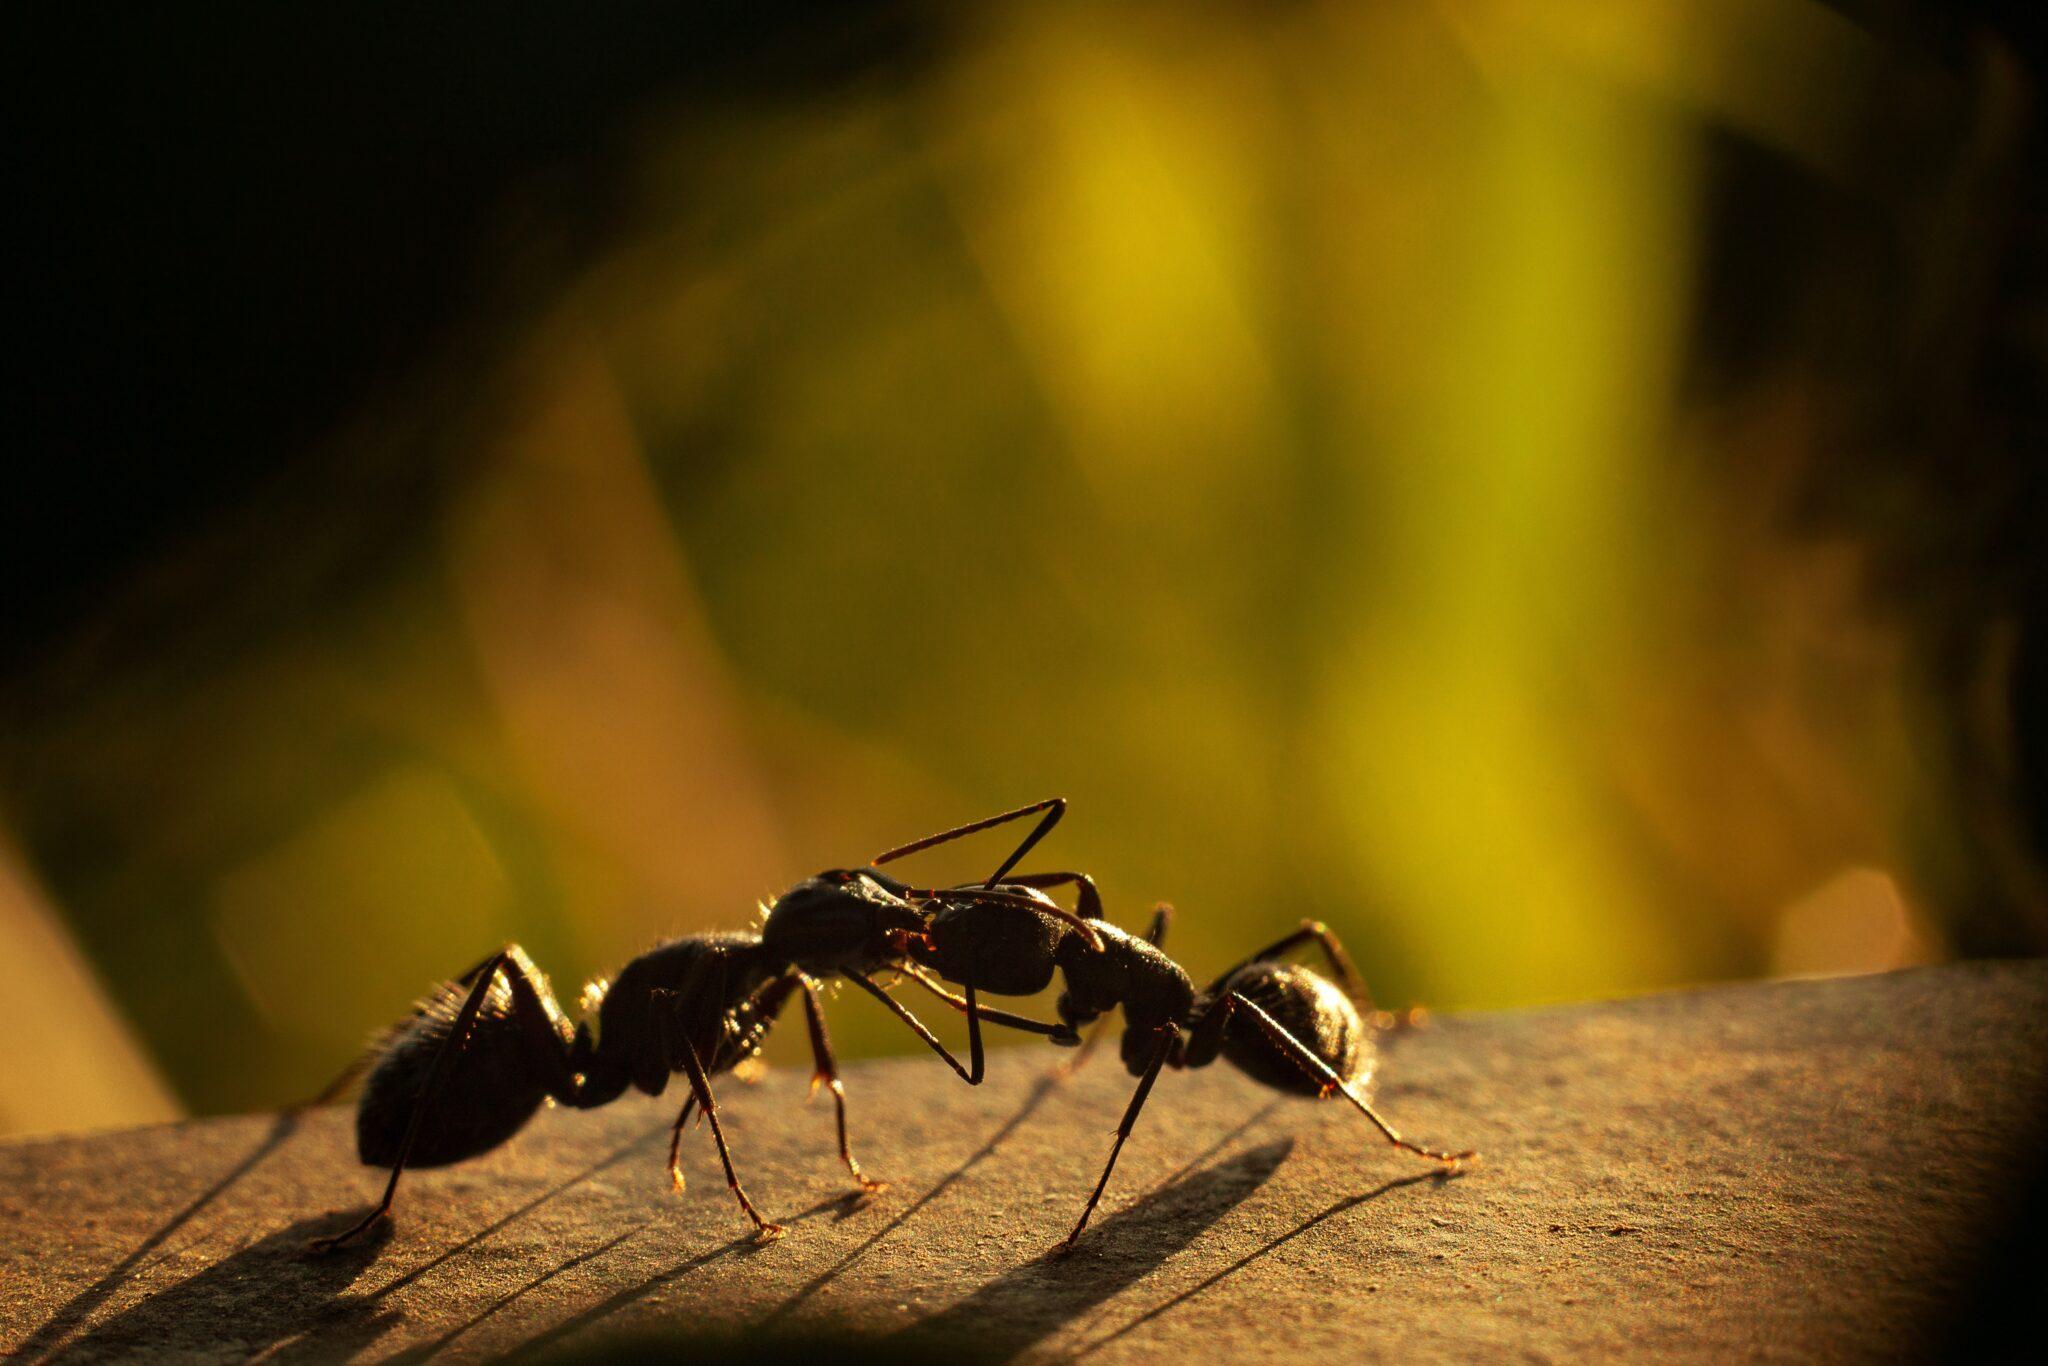 Vom Bandwurm befallene Ameisen wurden von ihren Artgenossinnen besonders umsorgt